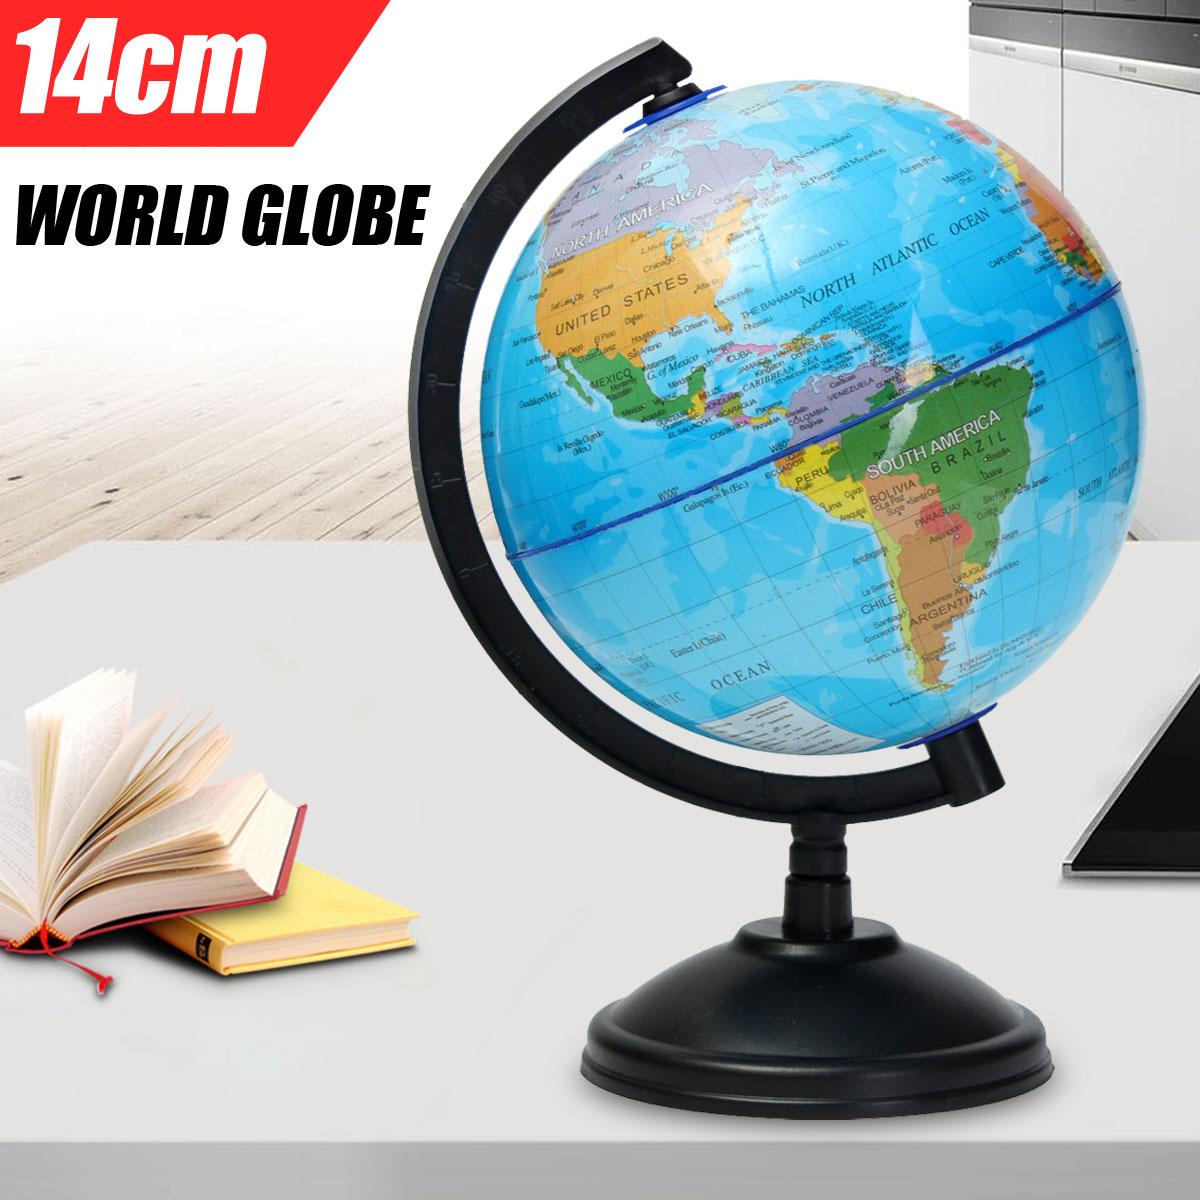 Mapa del mundo de 14cm en el soporte juguetes grandes para estudiantes globo educativo límites nacionales Rivers Montains Geography escolar suministros